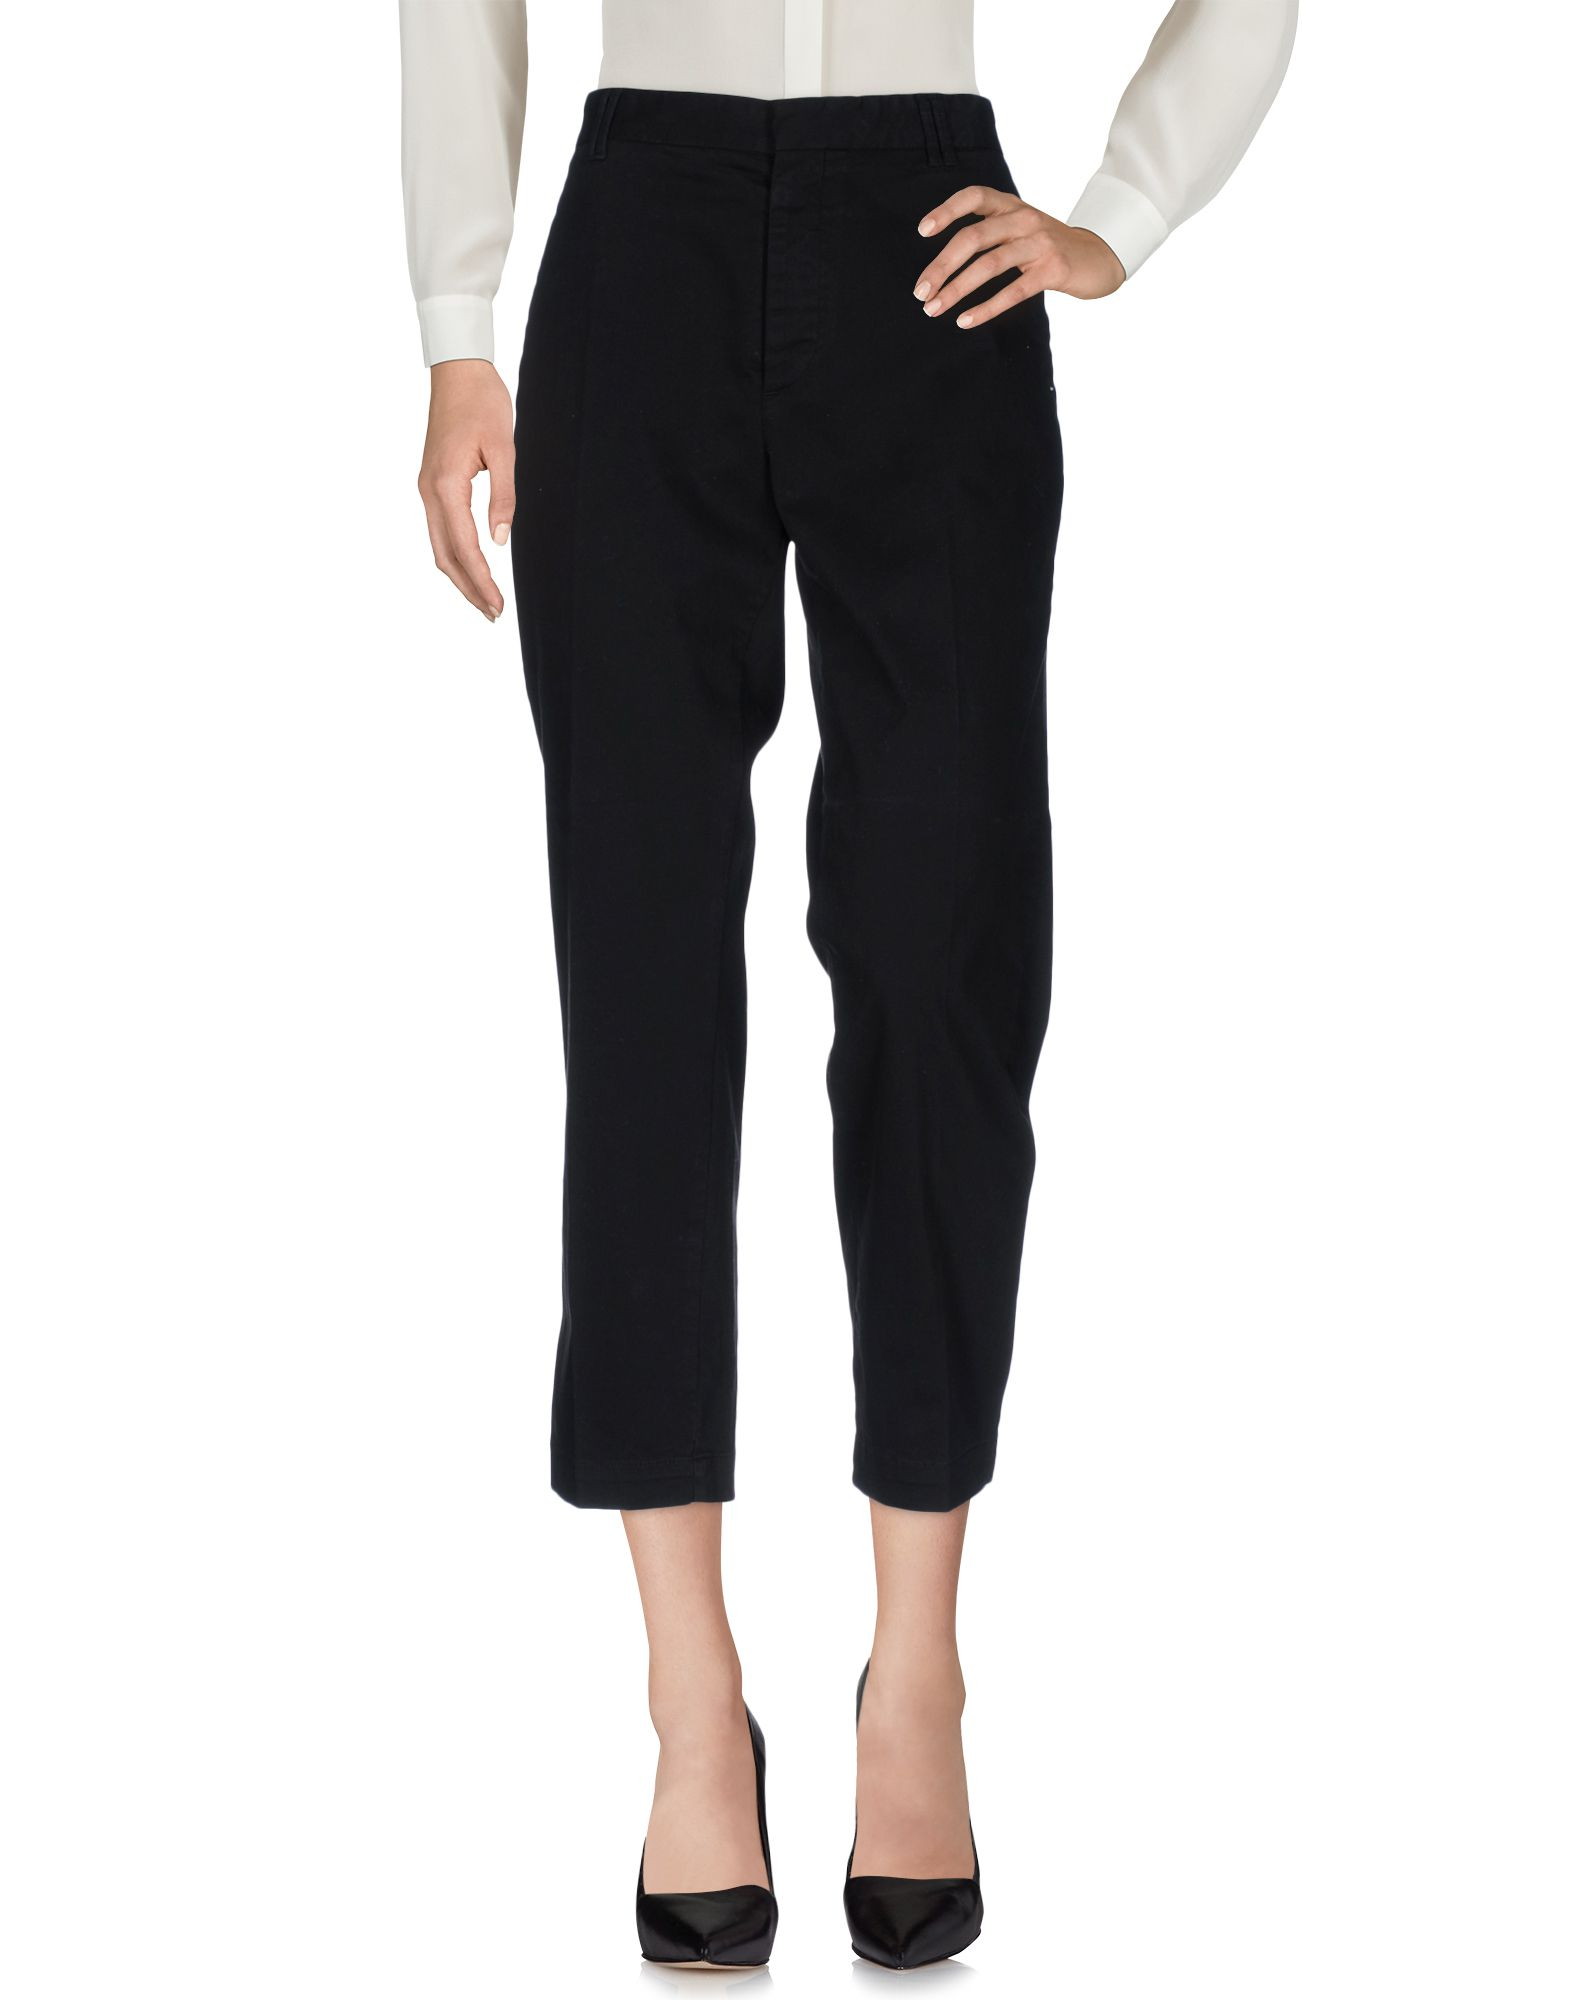 MAURO GRIFONI Damen Hose Farbe Schwarz Größe 4 - broschei